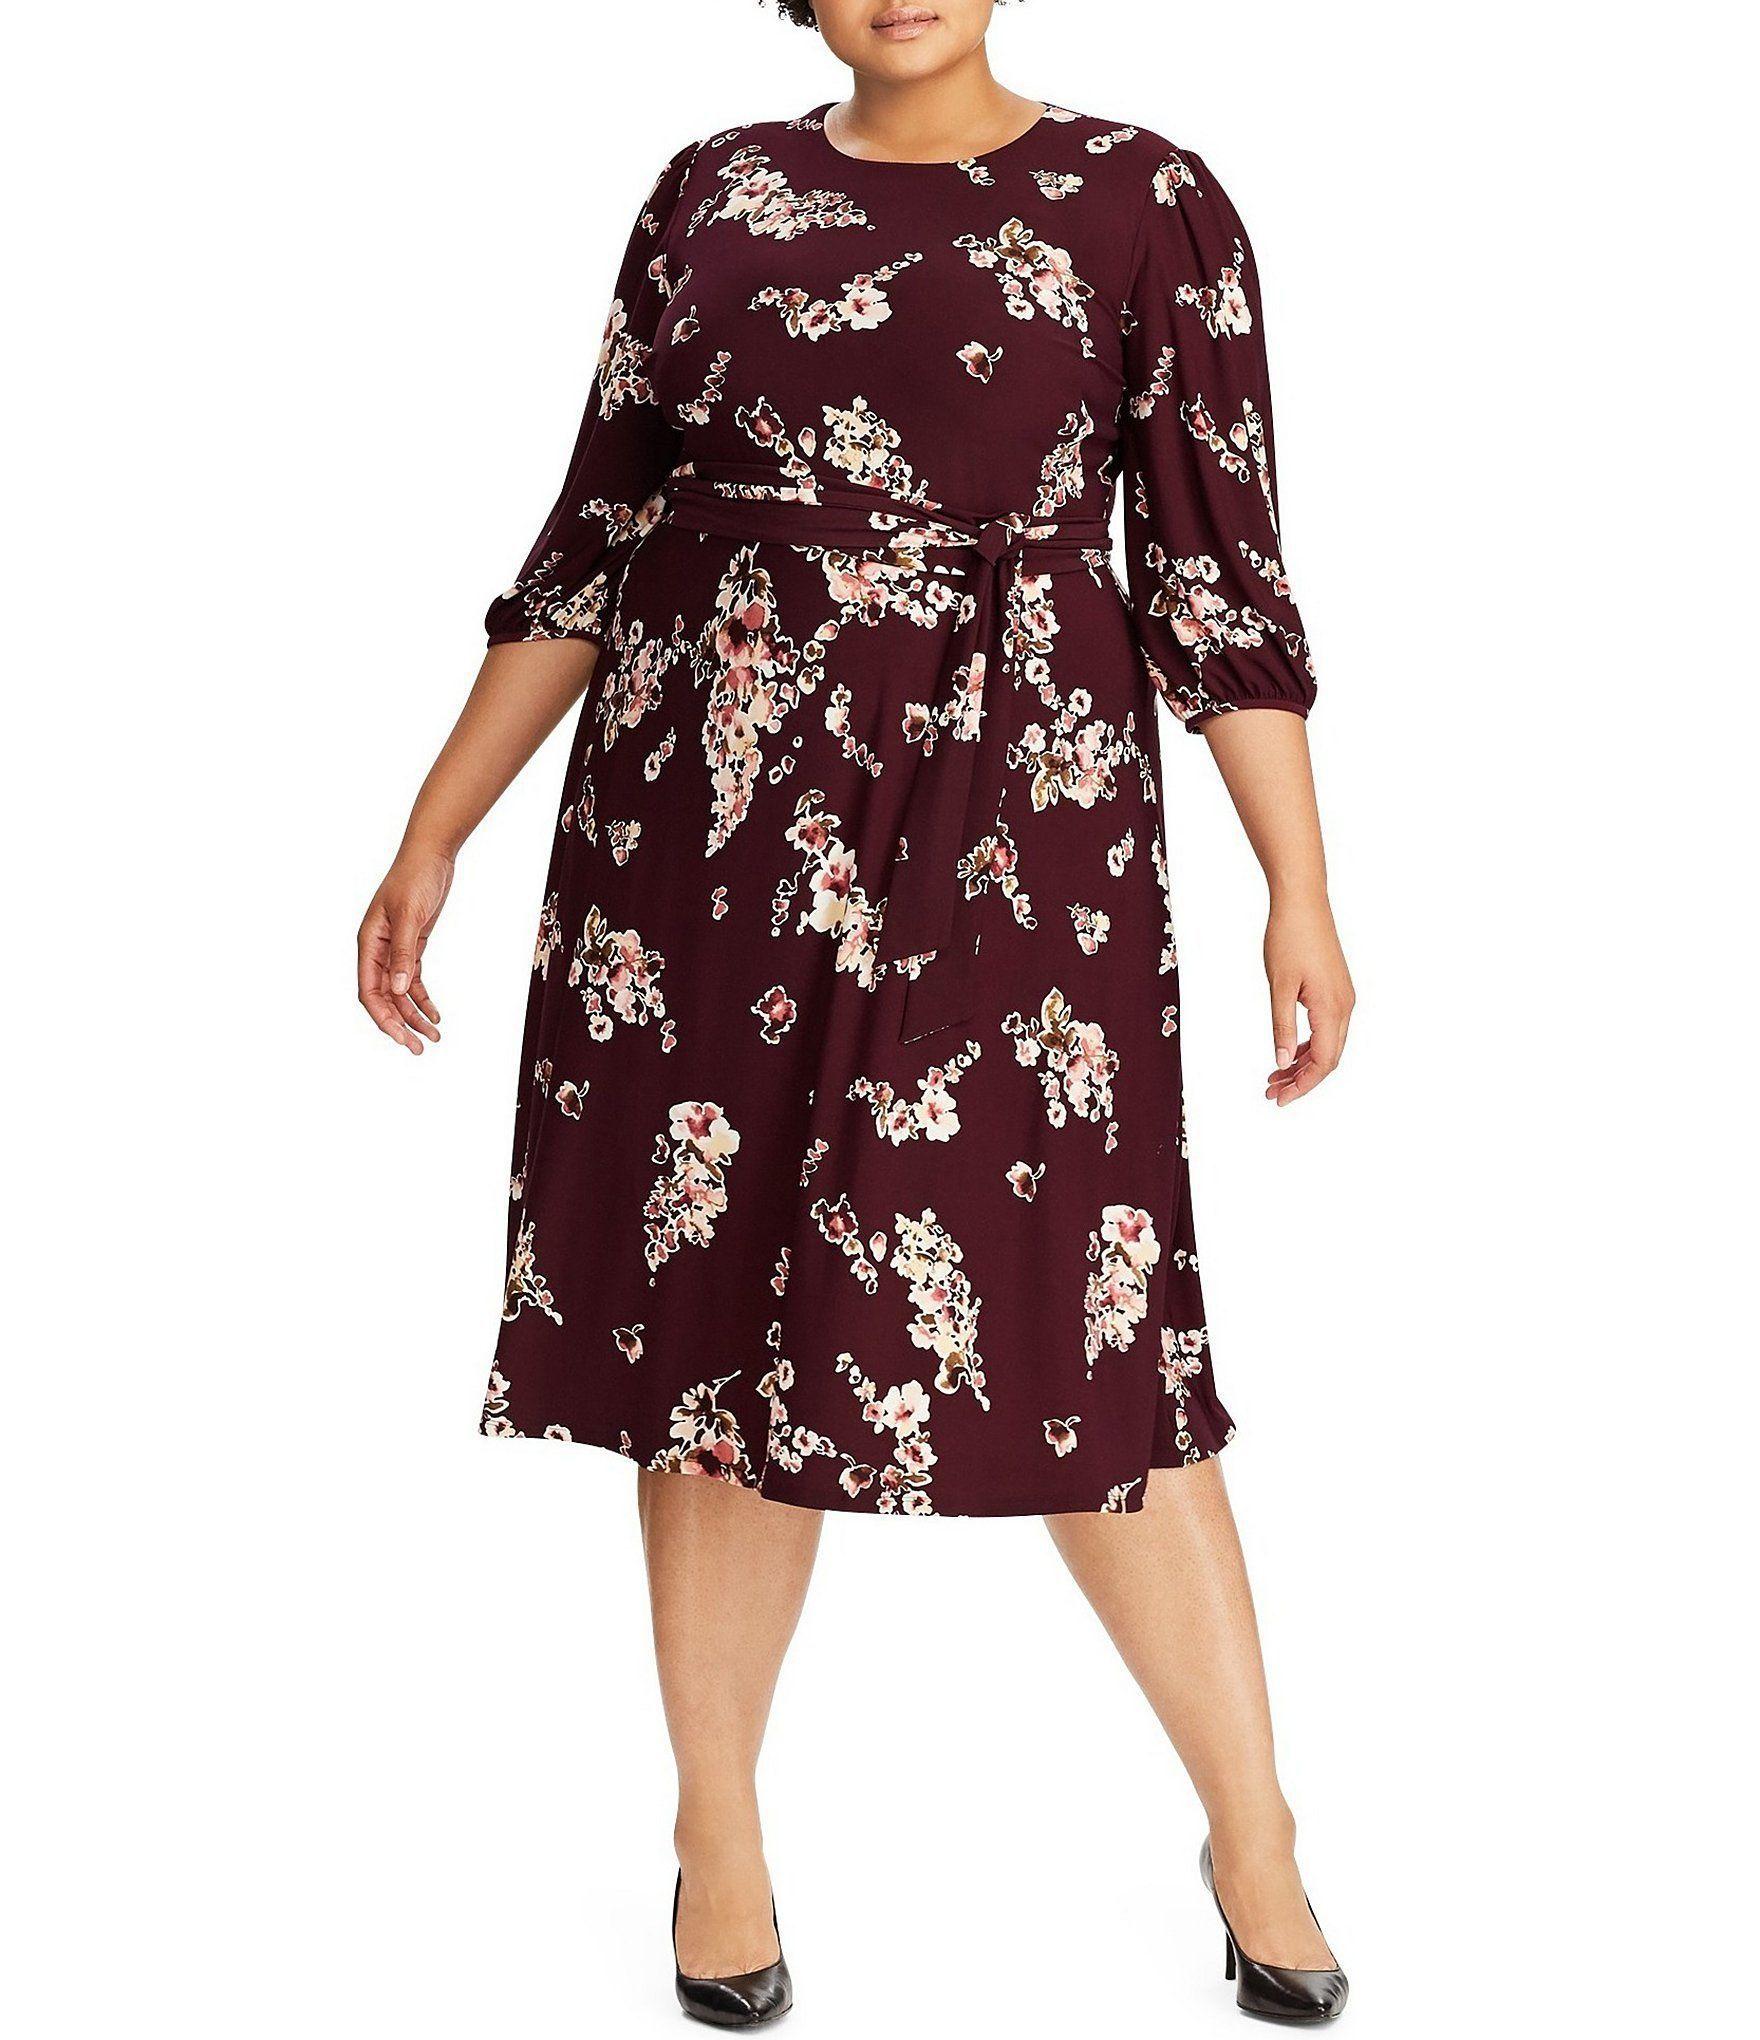 Lauren Ralph Lauren De Tamano Mas Felia De La Impresion Floral De Lazo En La Cintura Jersey Vestido Midi Ciruel Modelos De Vestido Vestidos De Novia Vestidos